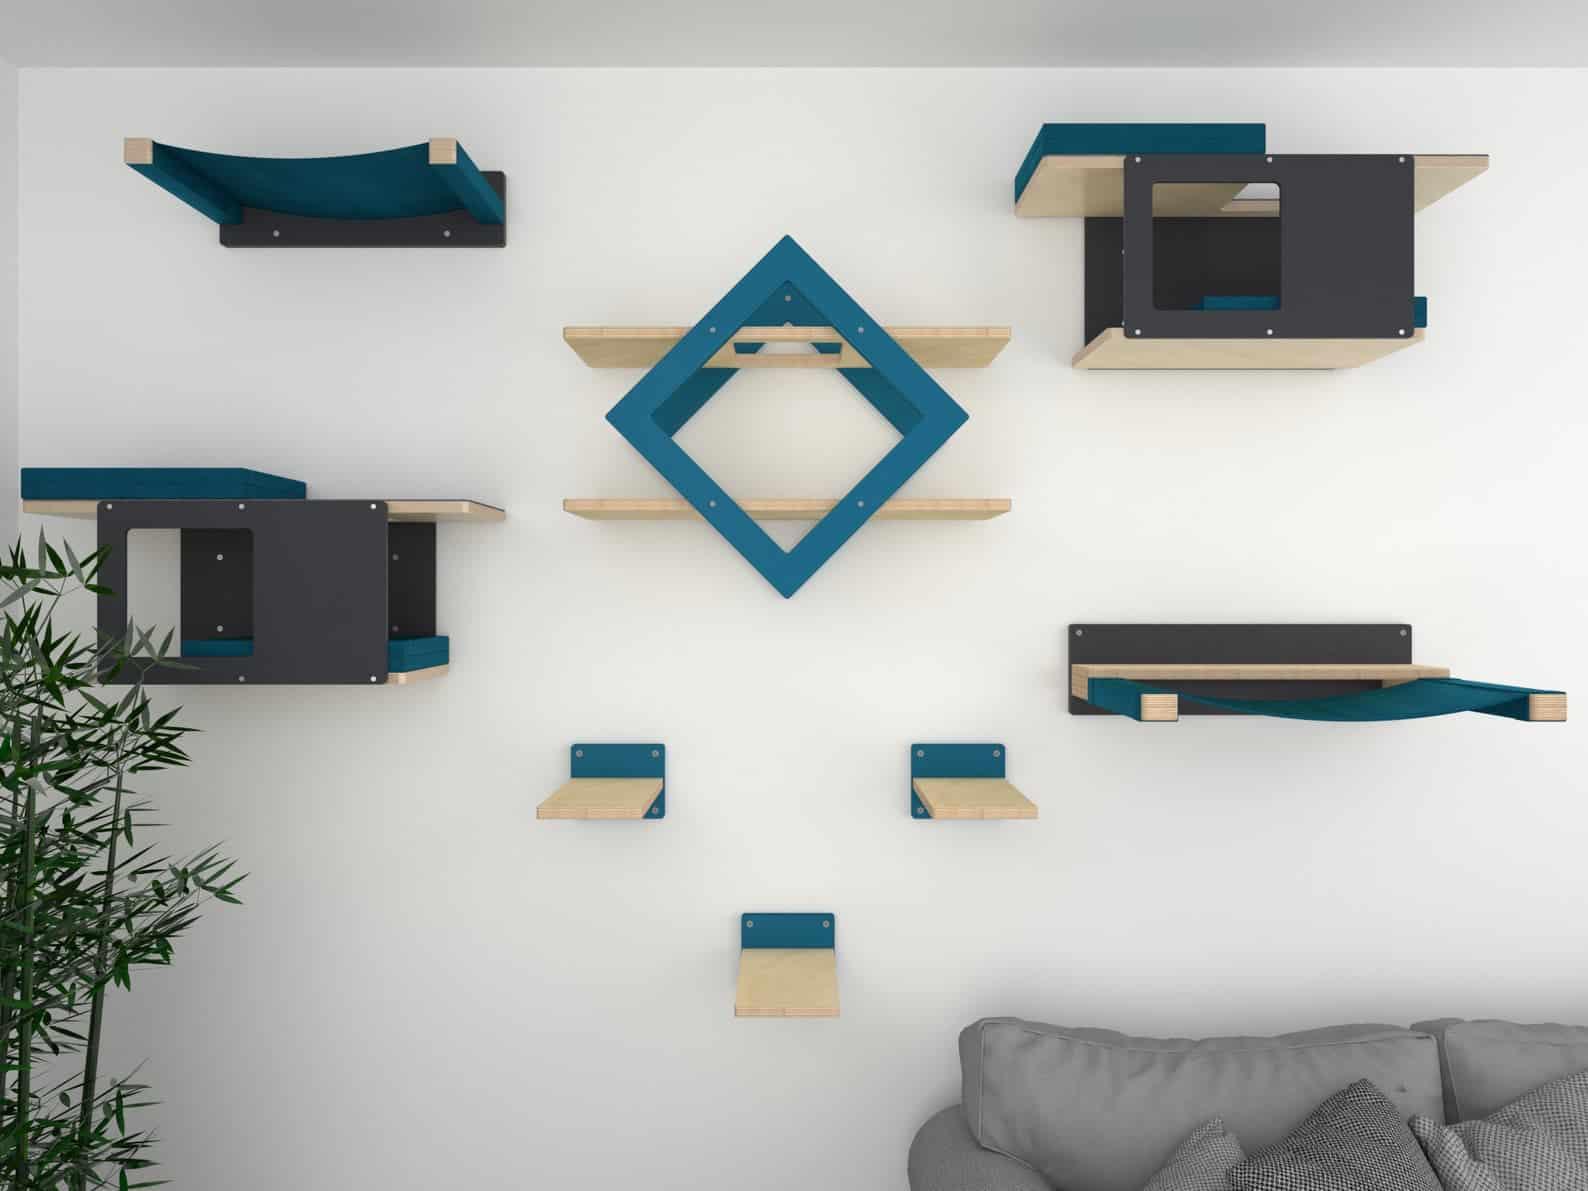 arbre a chat mural design parcours aventure hexagone